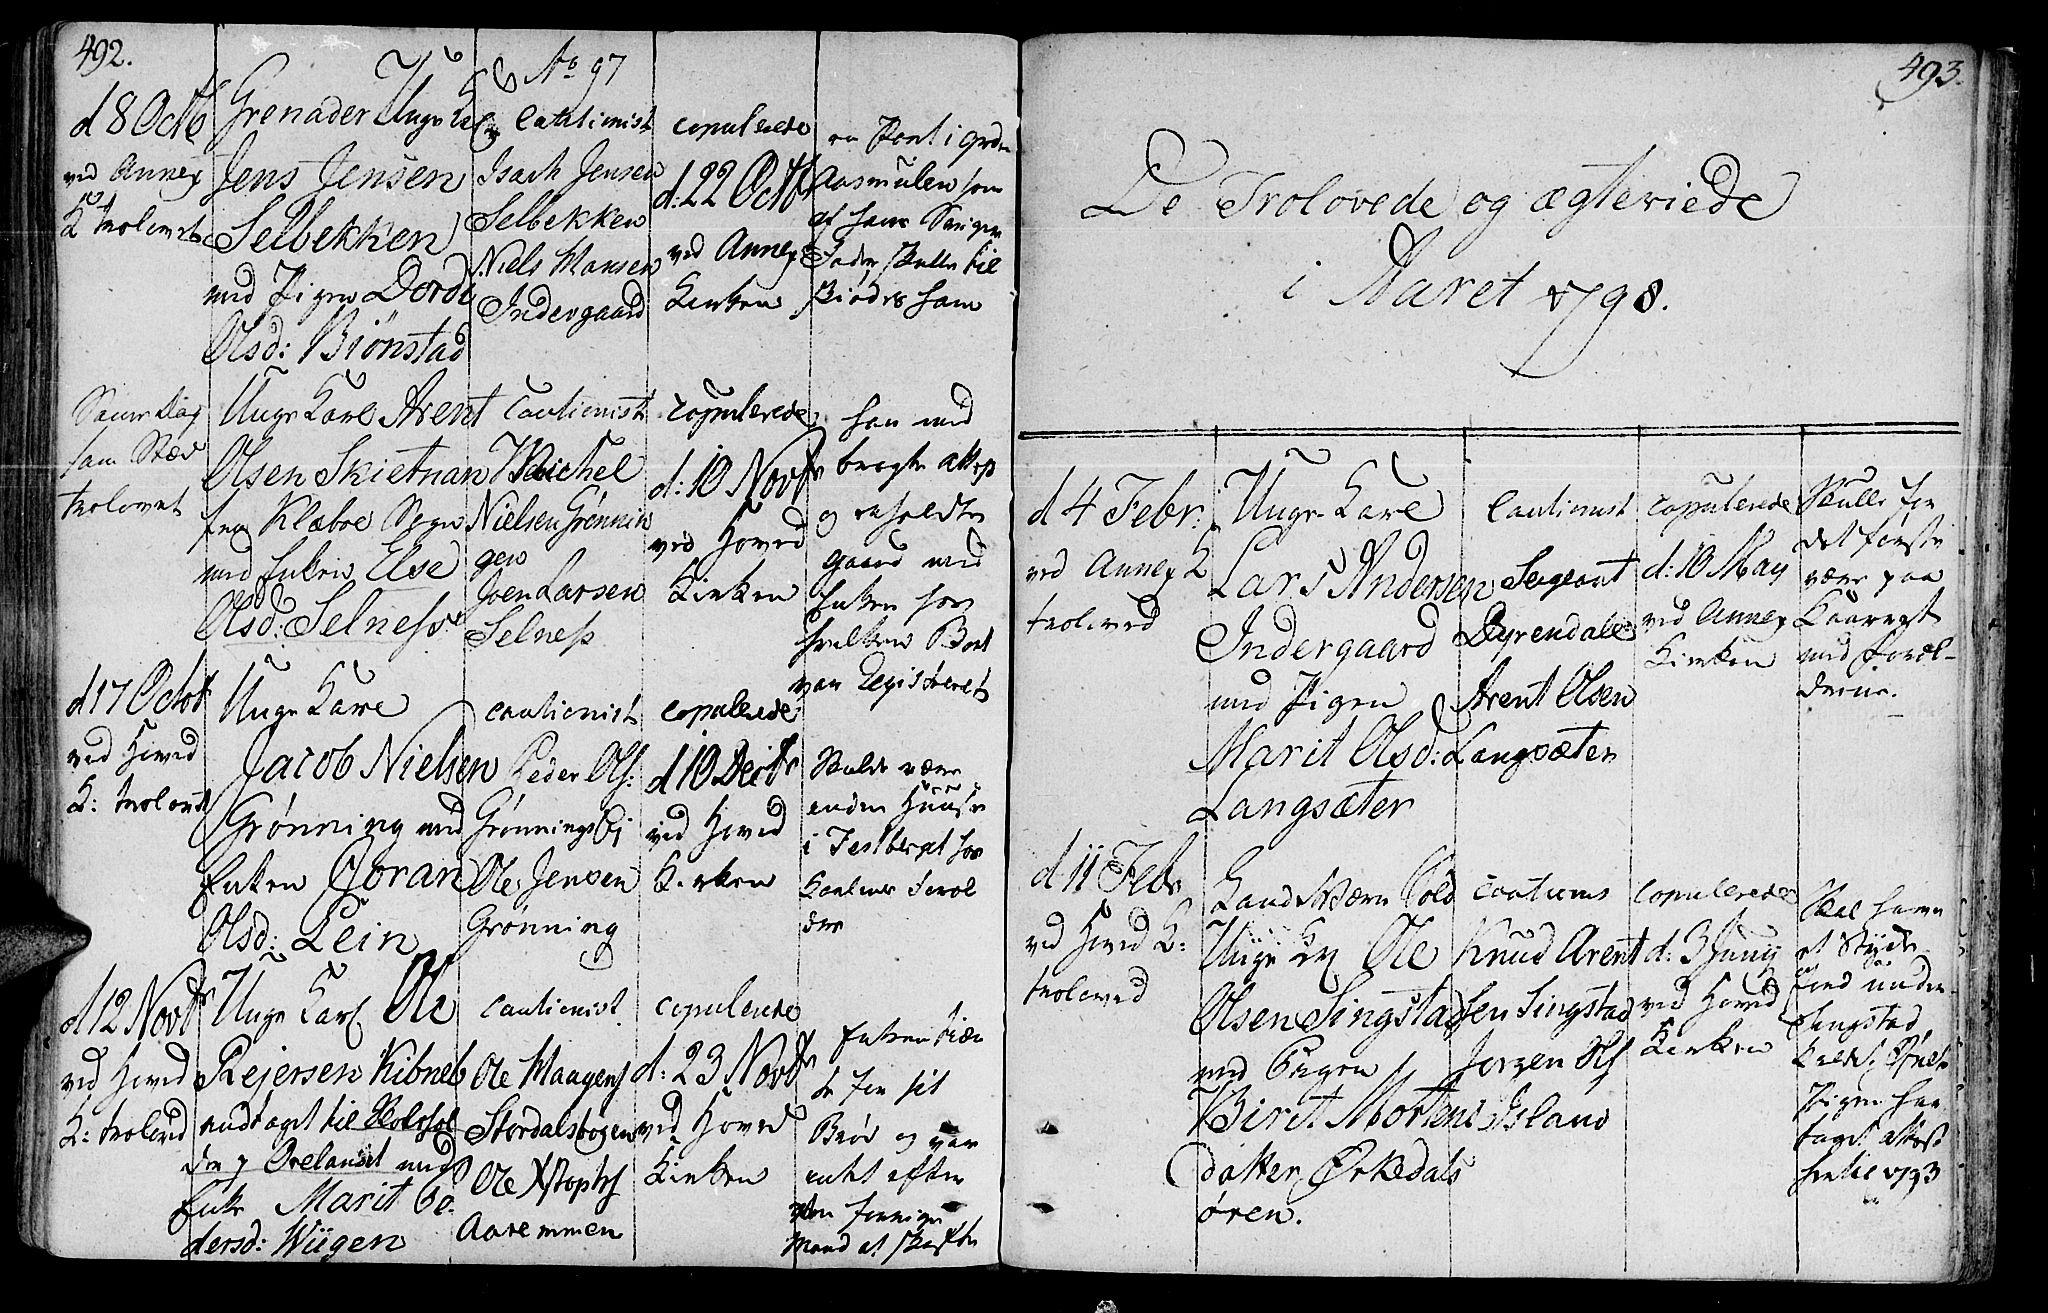 SAT, Ministerialprotokoller, klokkerbøker og fødselsregistre - Sør-Trøndelag, 646/L0606: Ministerialbok nr. 646A04, 1791-1805, s. 492-493